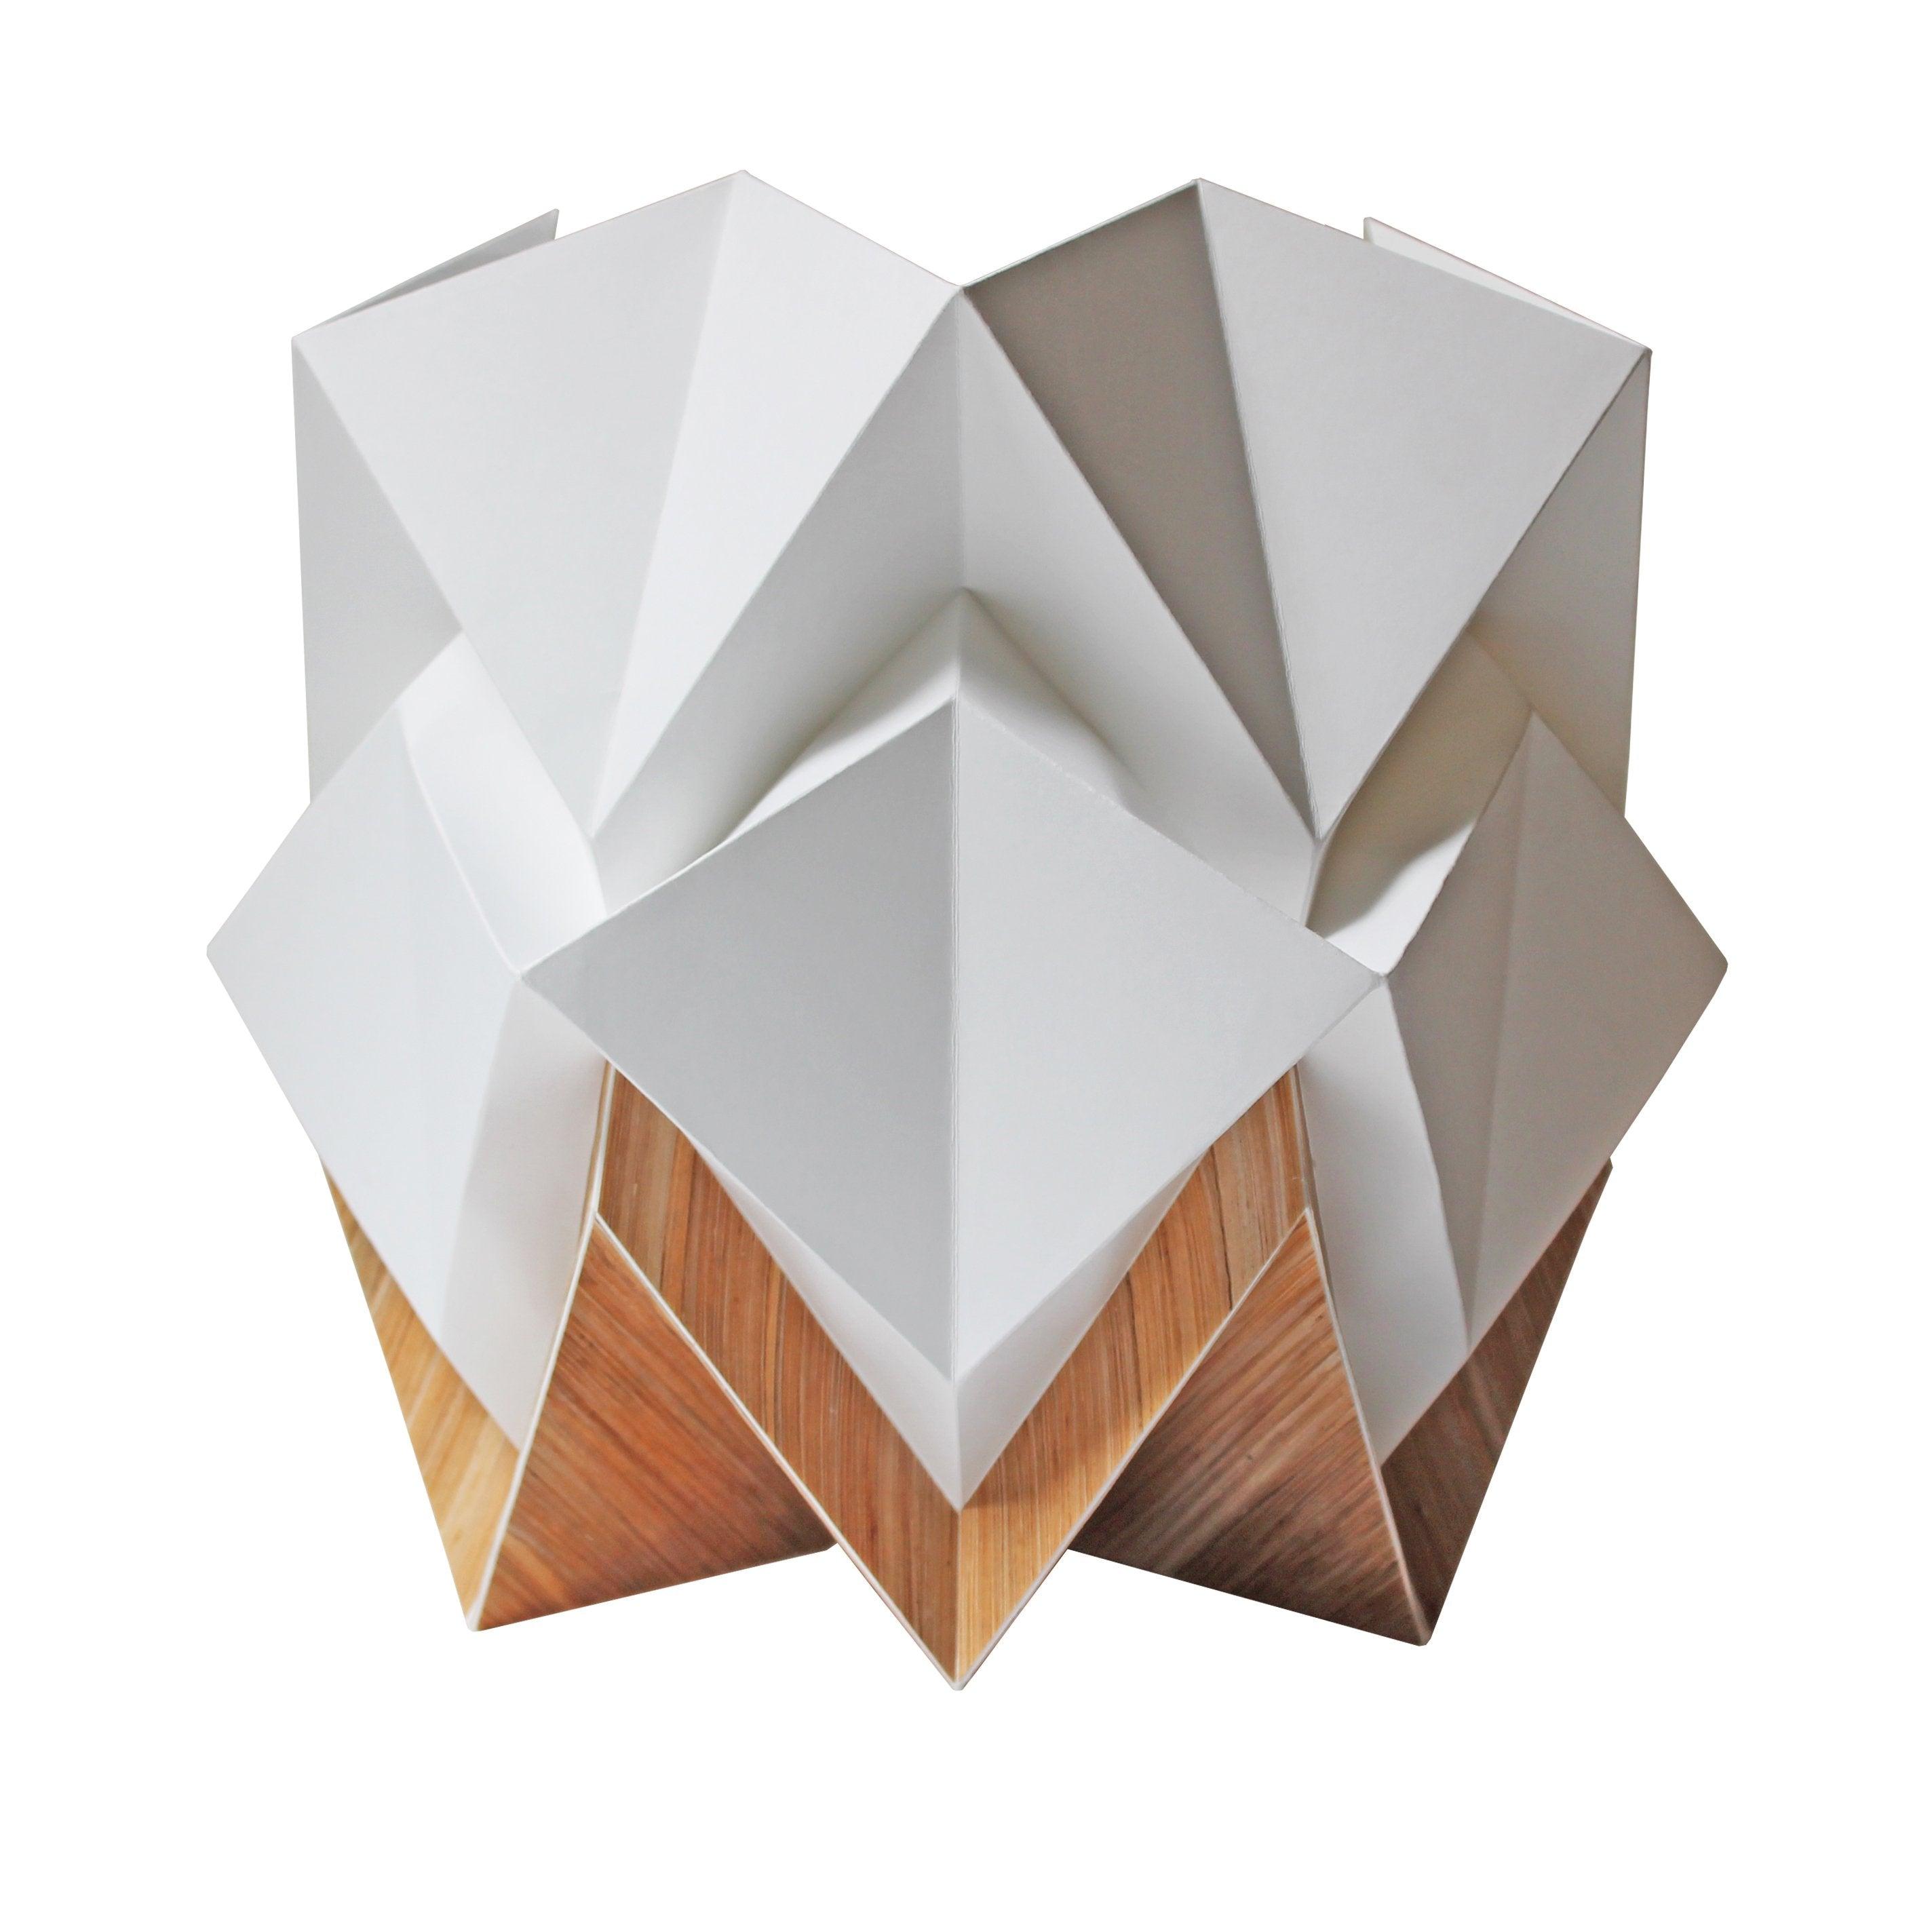 Lampe de table origami ecowood et papier taille M